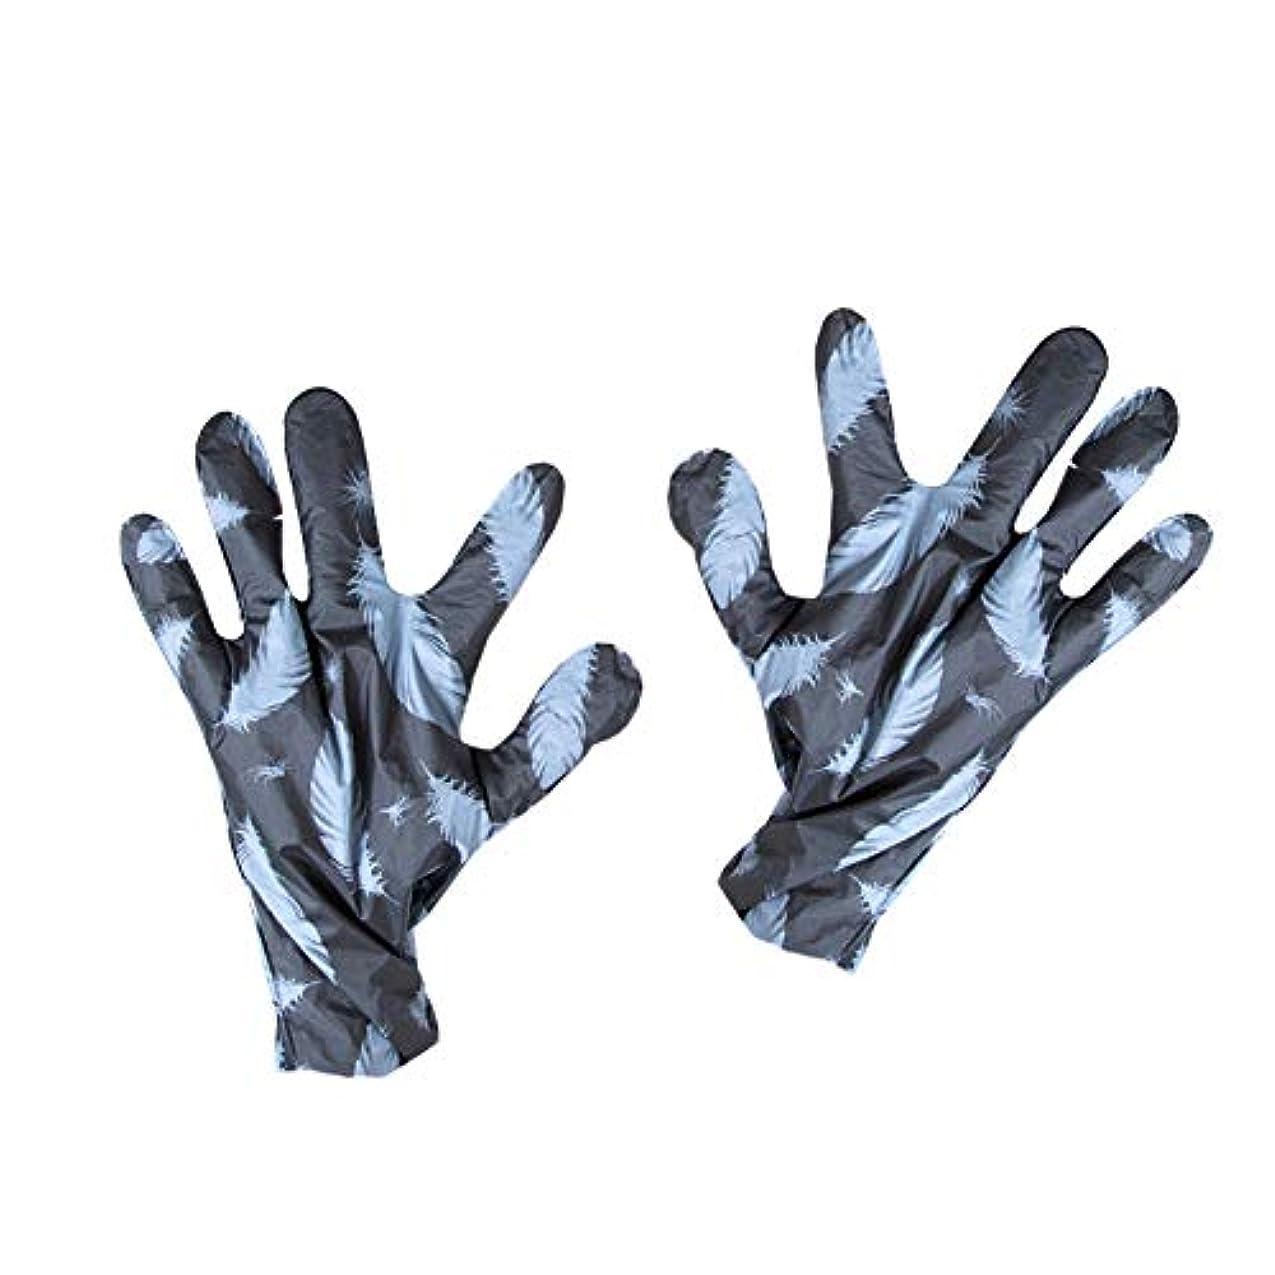 メディカル商人メイド火山ホワイトニングモイスチャライジングハンドマスク膜の手手袋をはめた手の乾燥泥角質除去、保湿浄化パック1